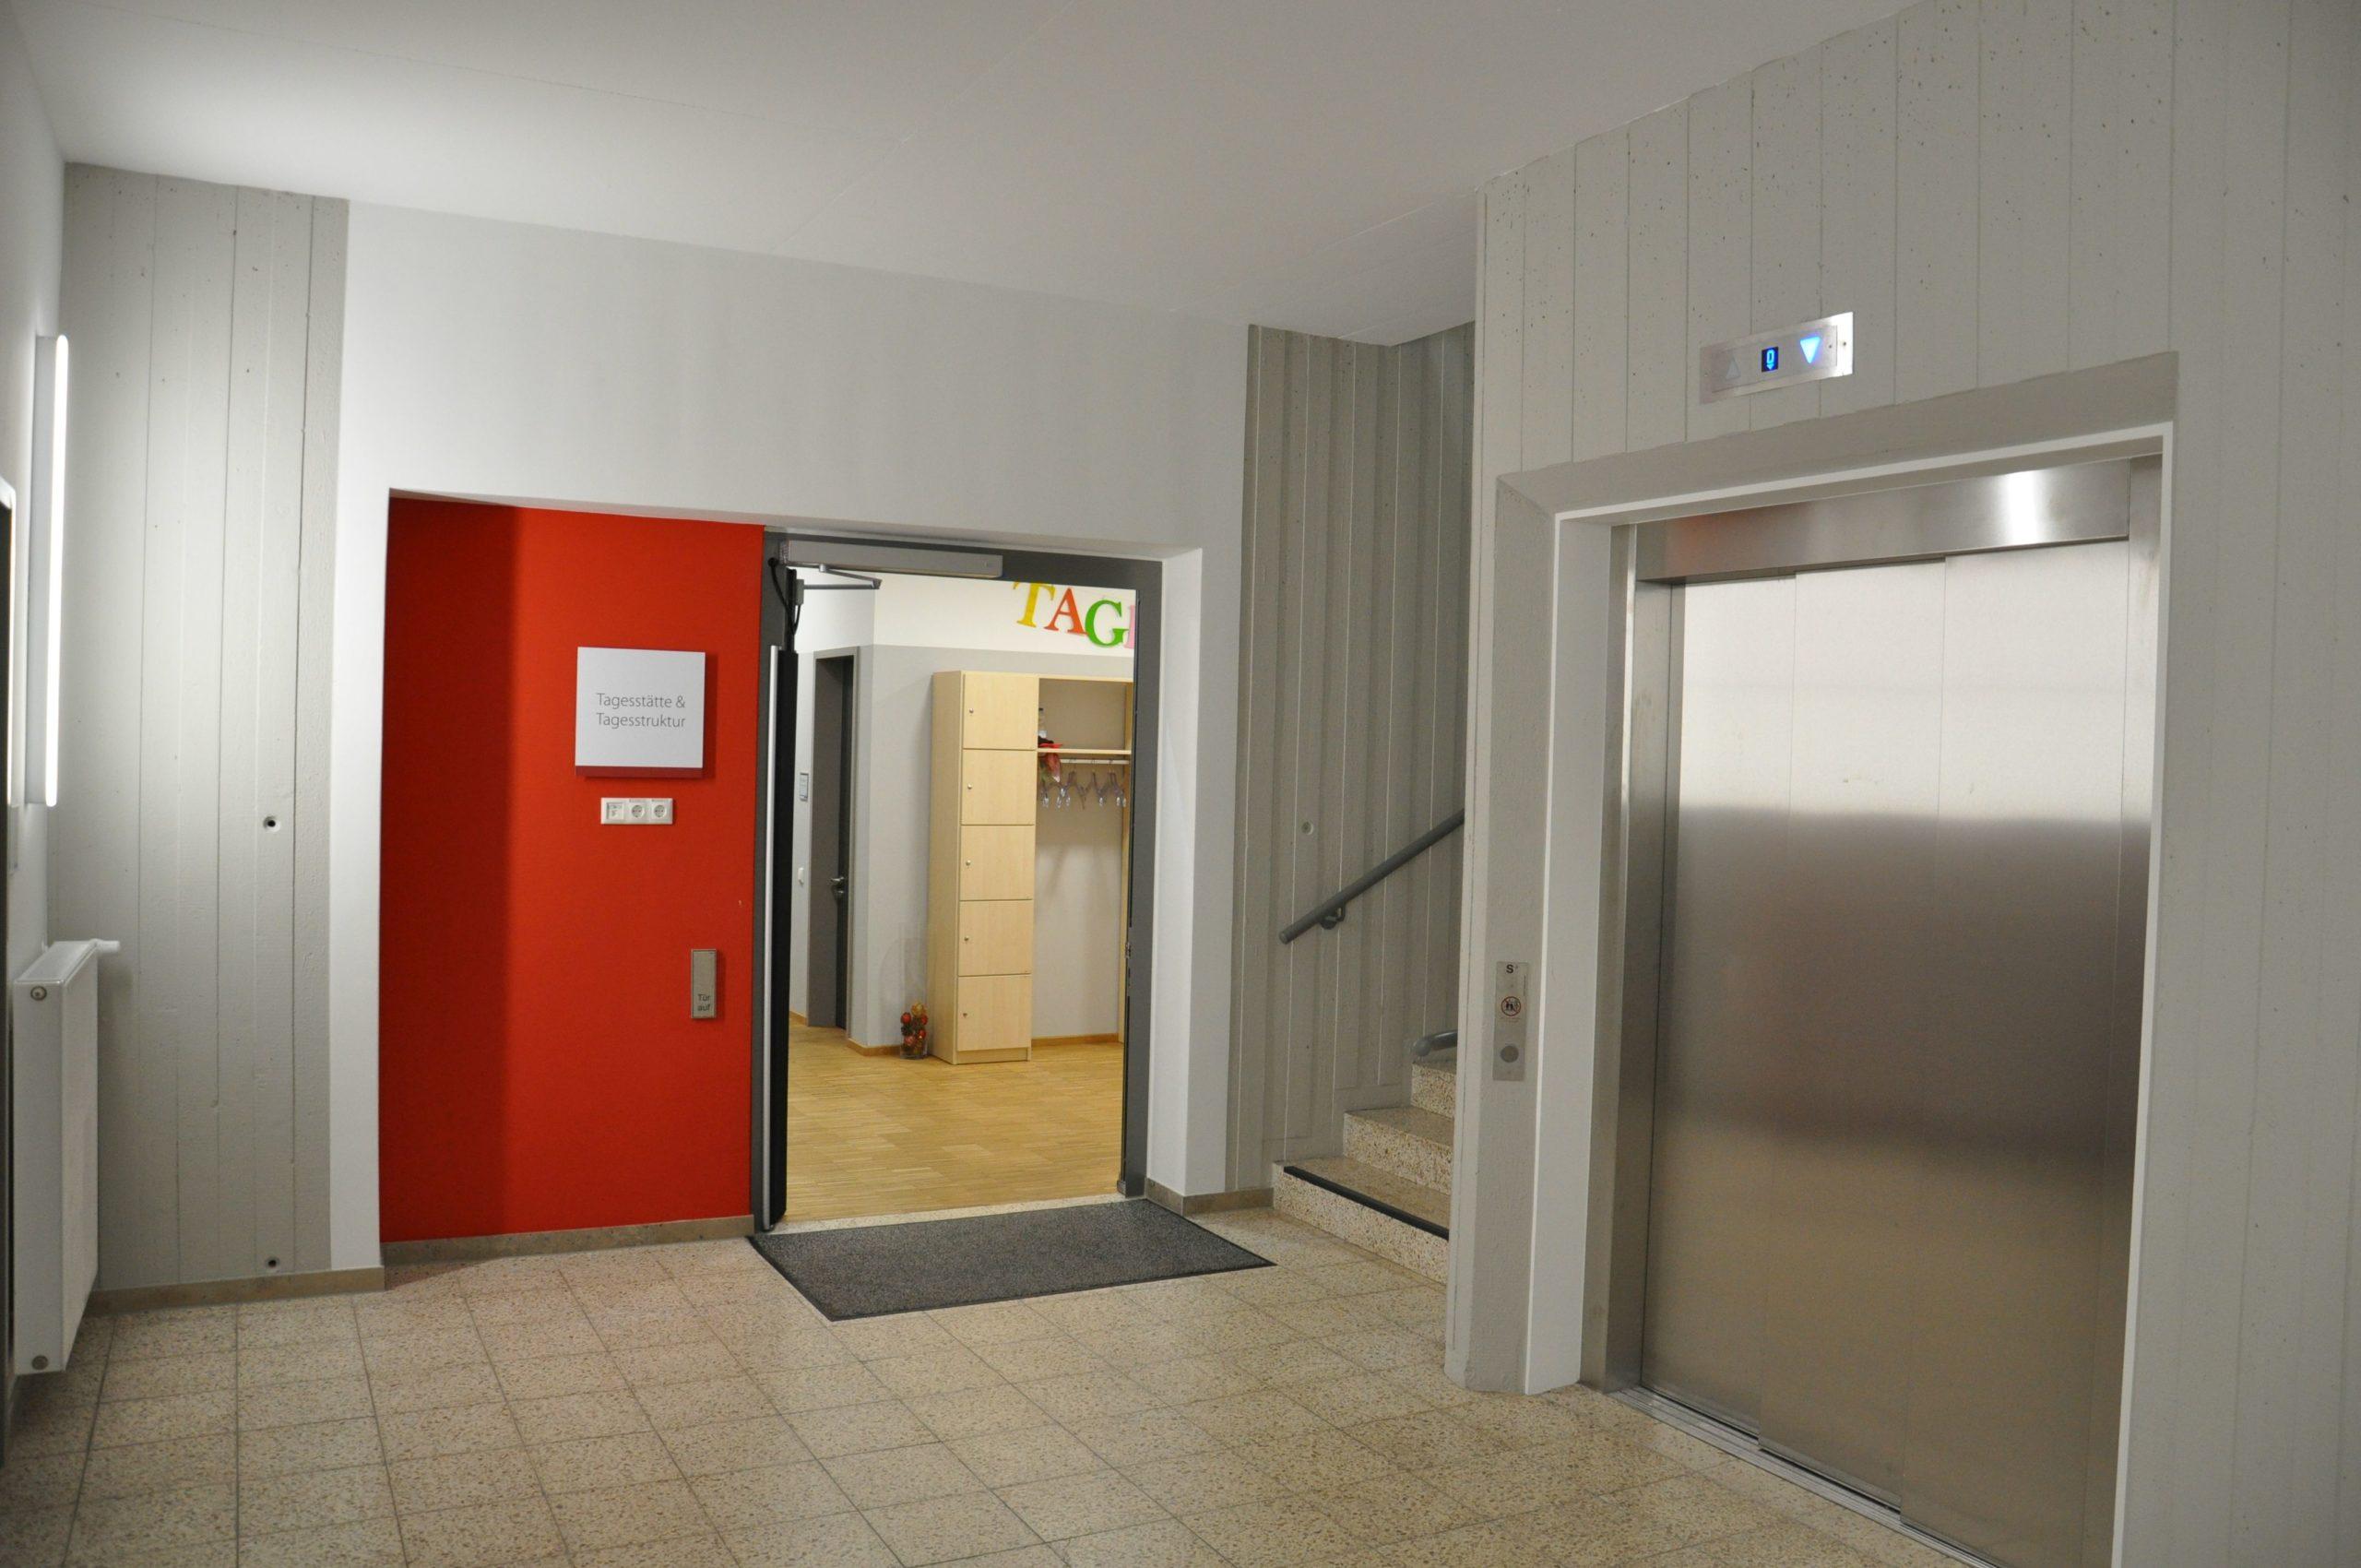 Stiftung_St_Johannes_Donauforum_Schweinspoint_004